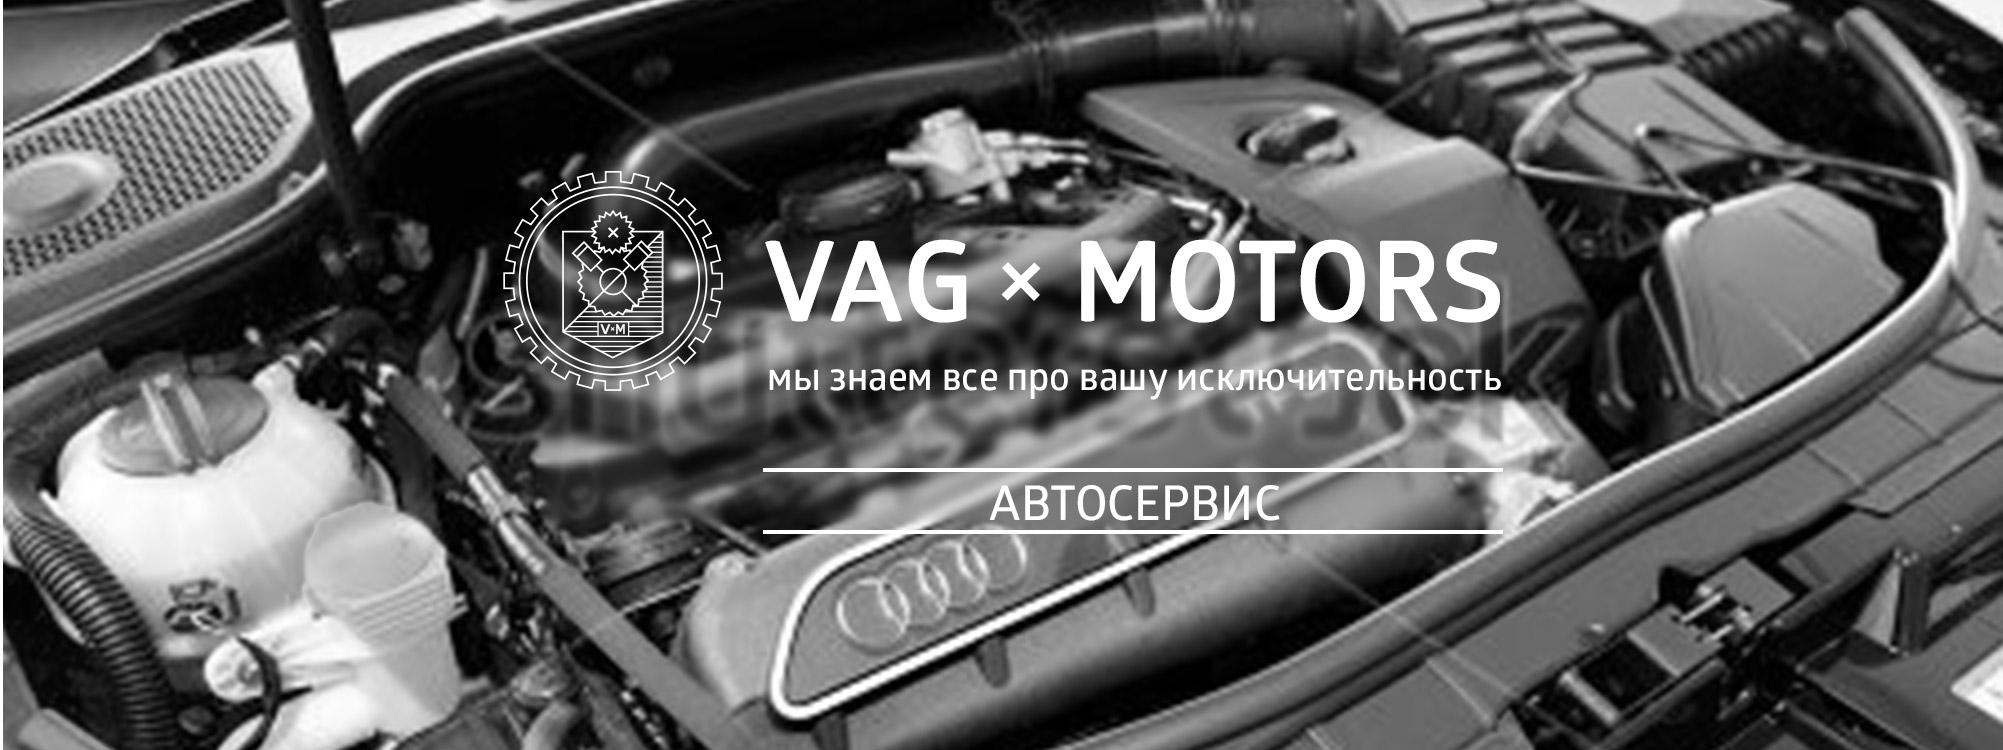 Получи статью с VAG × MOTORS